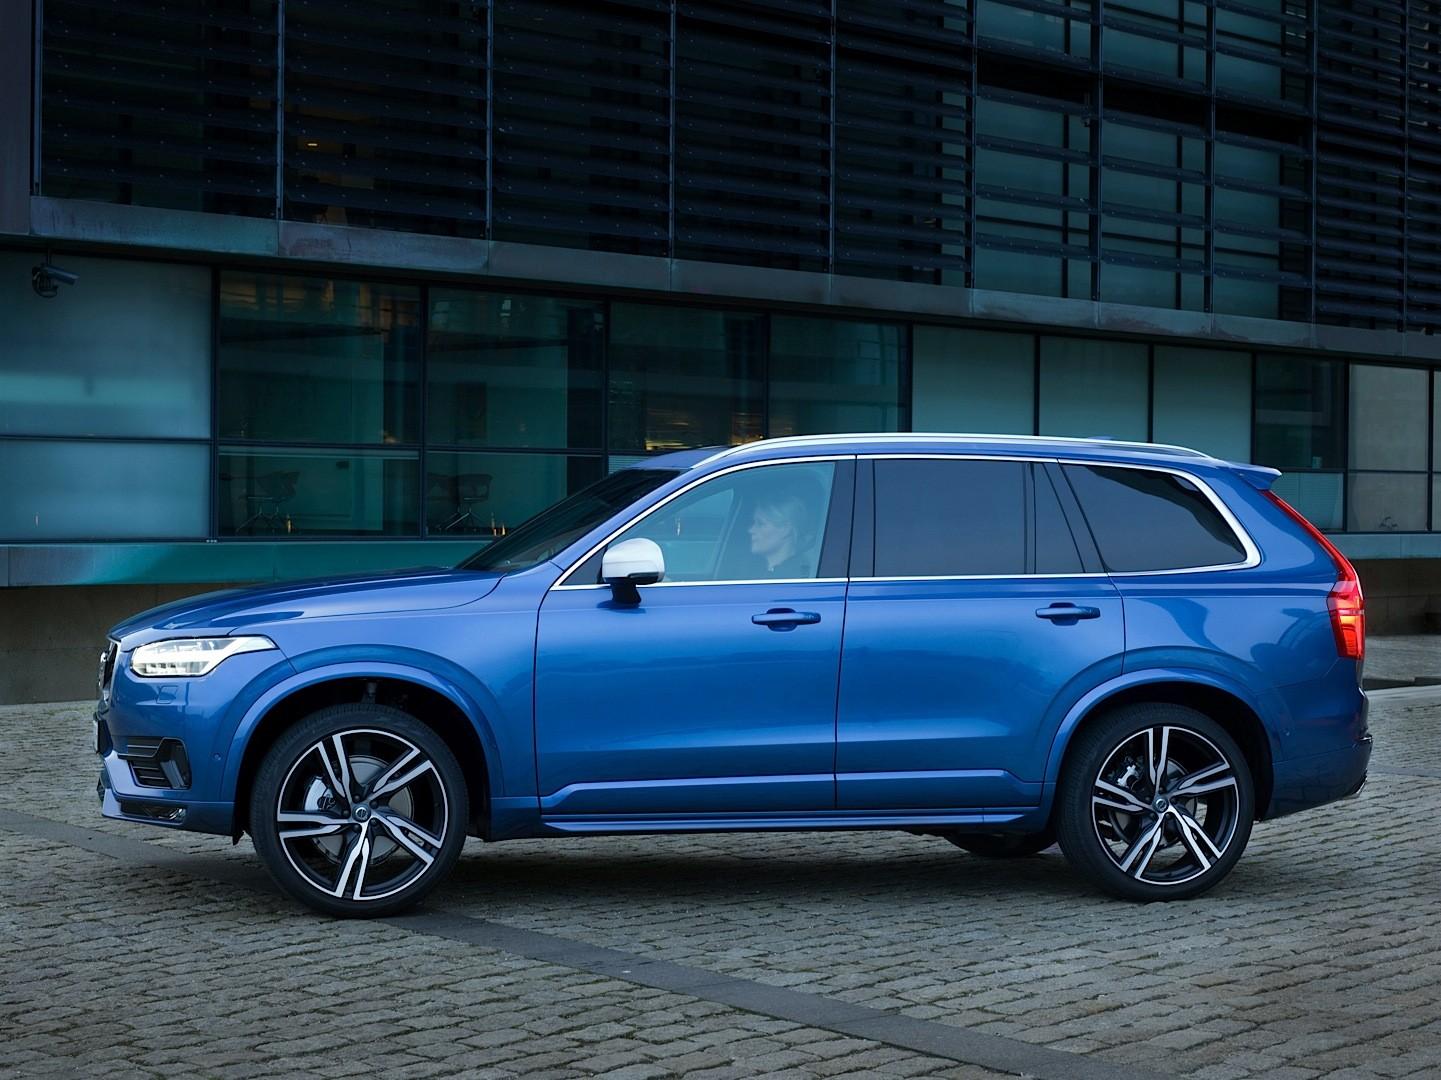 New Volvo Xc90 >> 2016 Volvo XC90 R-Design Shows More Aggressive Design and ...